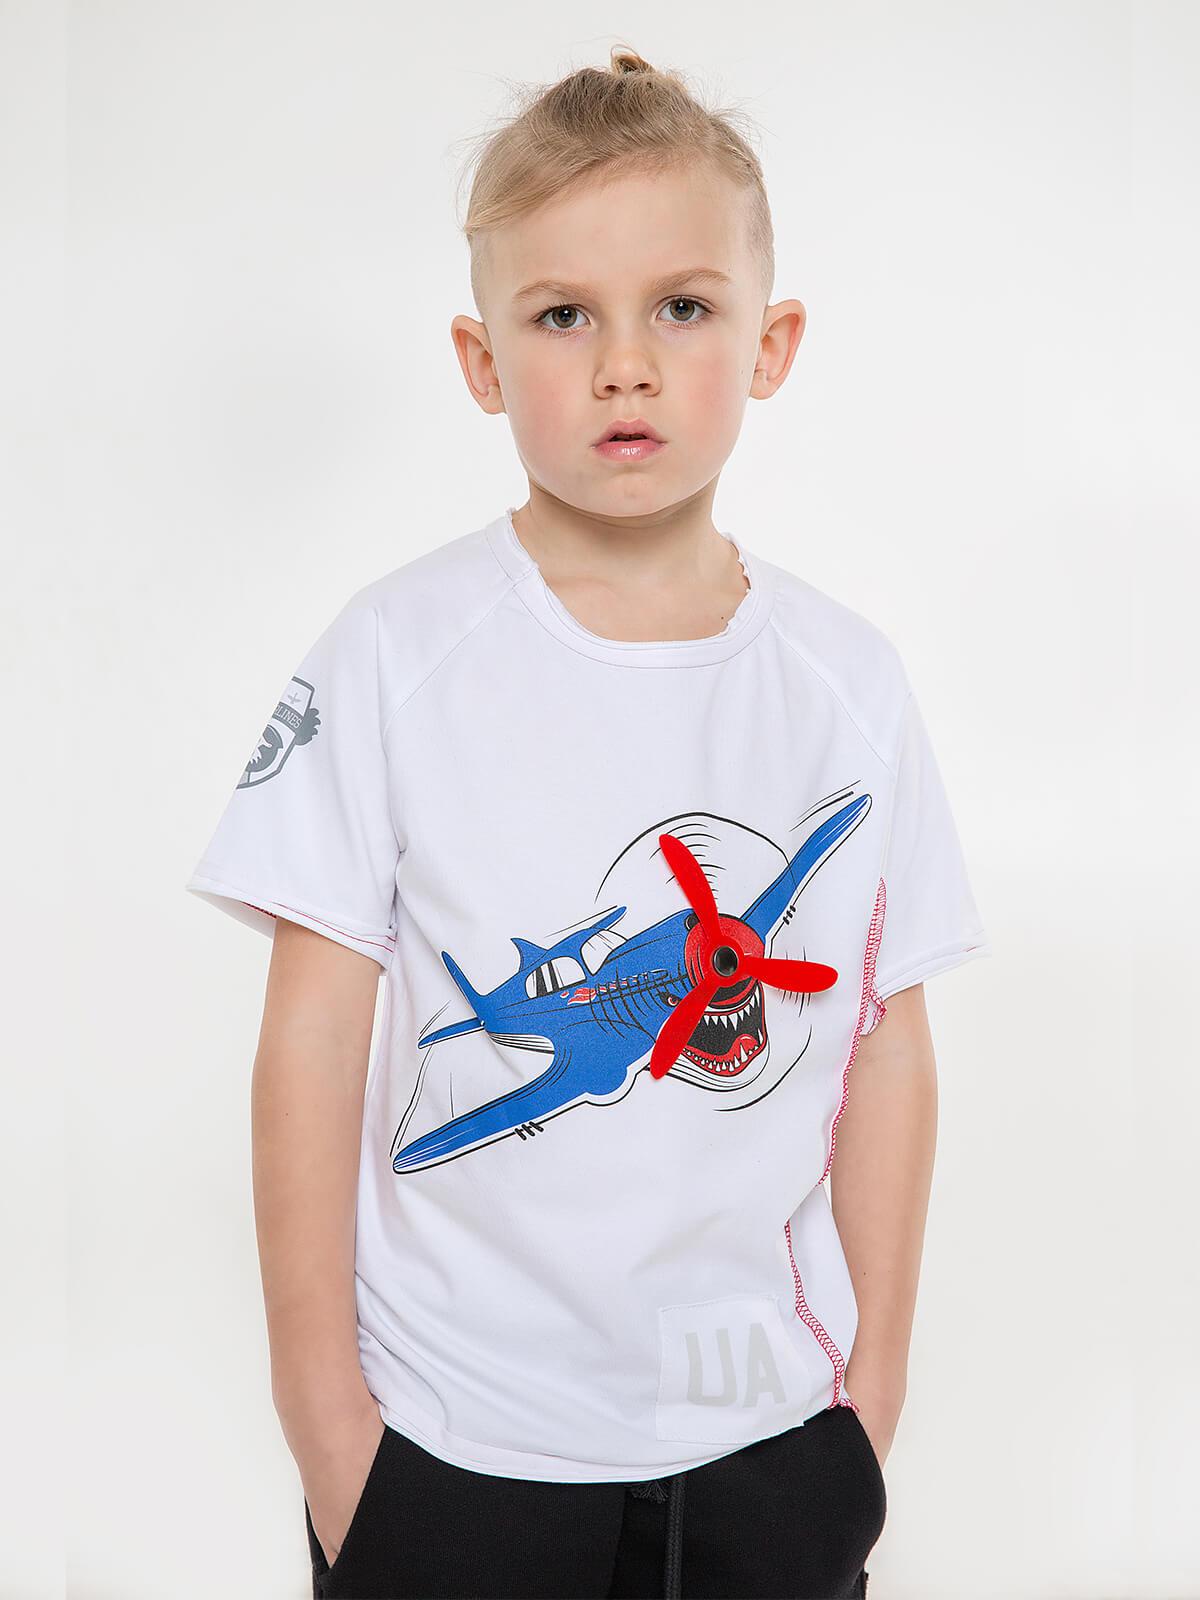 Дитяча Футболка Акула. Колір білий. Футболка: унісекс, добре пасує і хлопчикам, і дівчаткам  Матеріал: 95% бавовна, 5% спандекс.